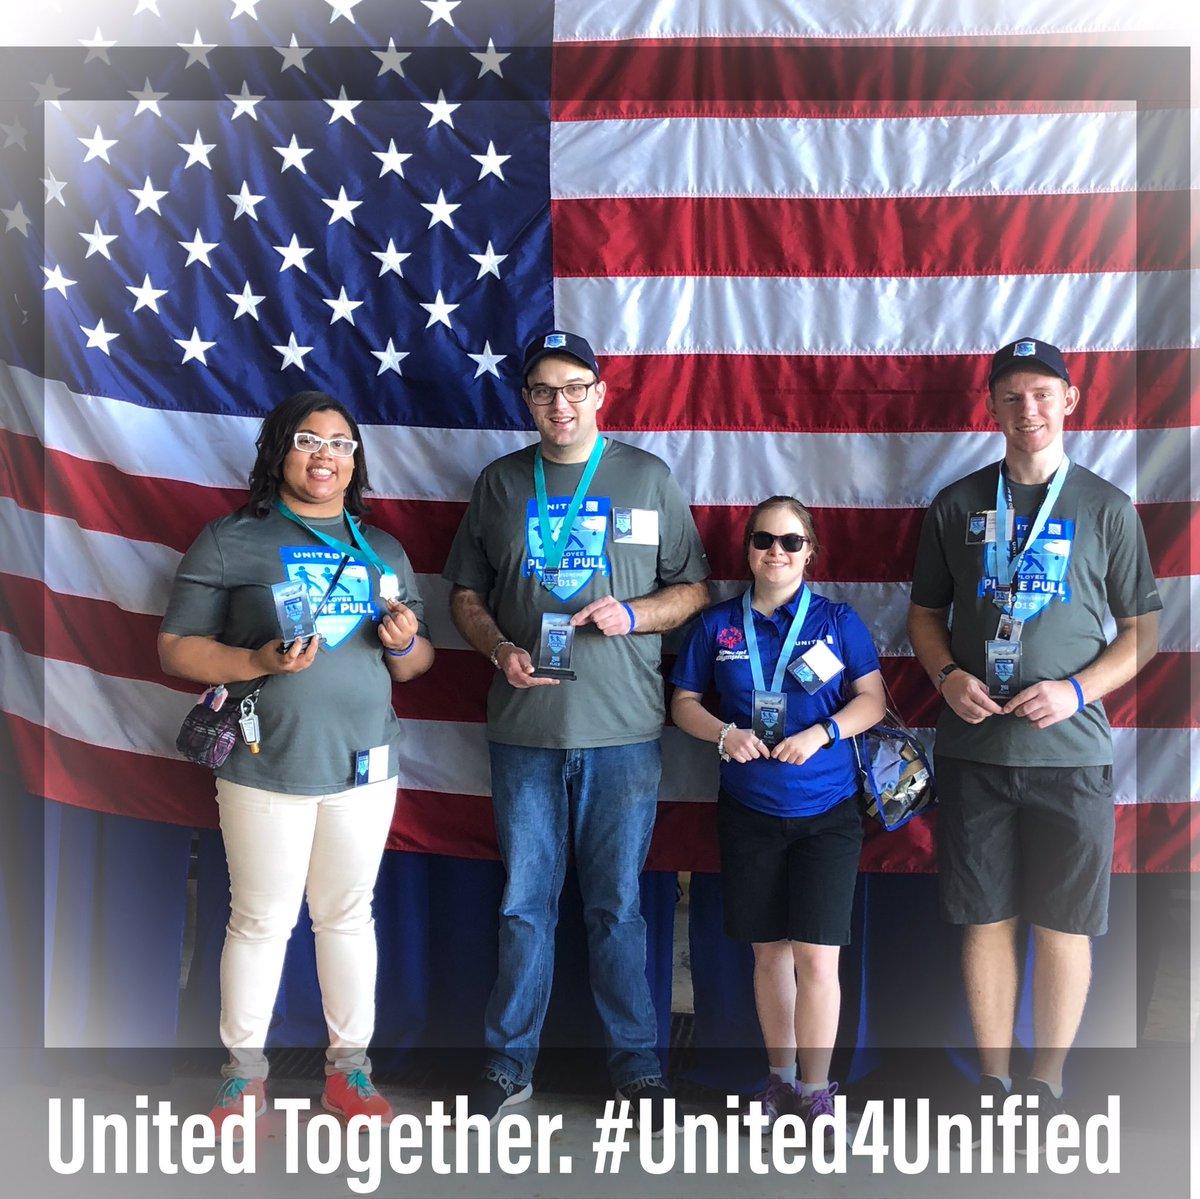 Happy Memorial Day! #UnitedTogether #InclusionRevolution @mcgrath_jonna @SO_Illinois @SOILLChris @SpecialOlympics @SONorthAmerica @rickvual https://t.co/MI5hZiO9yp